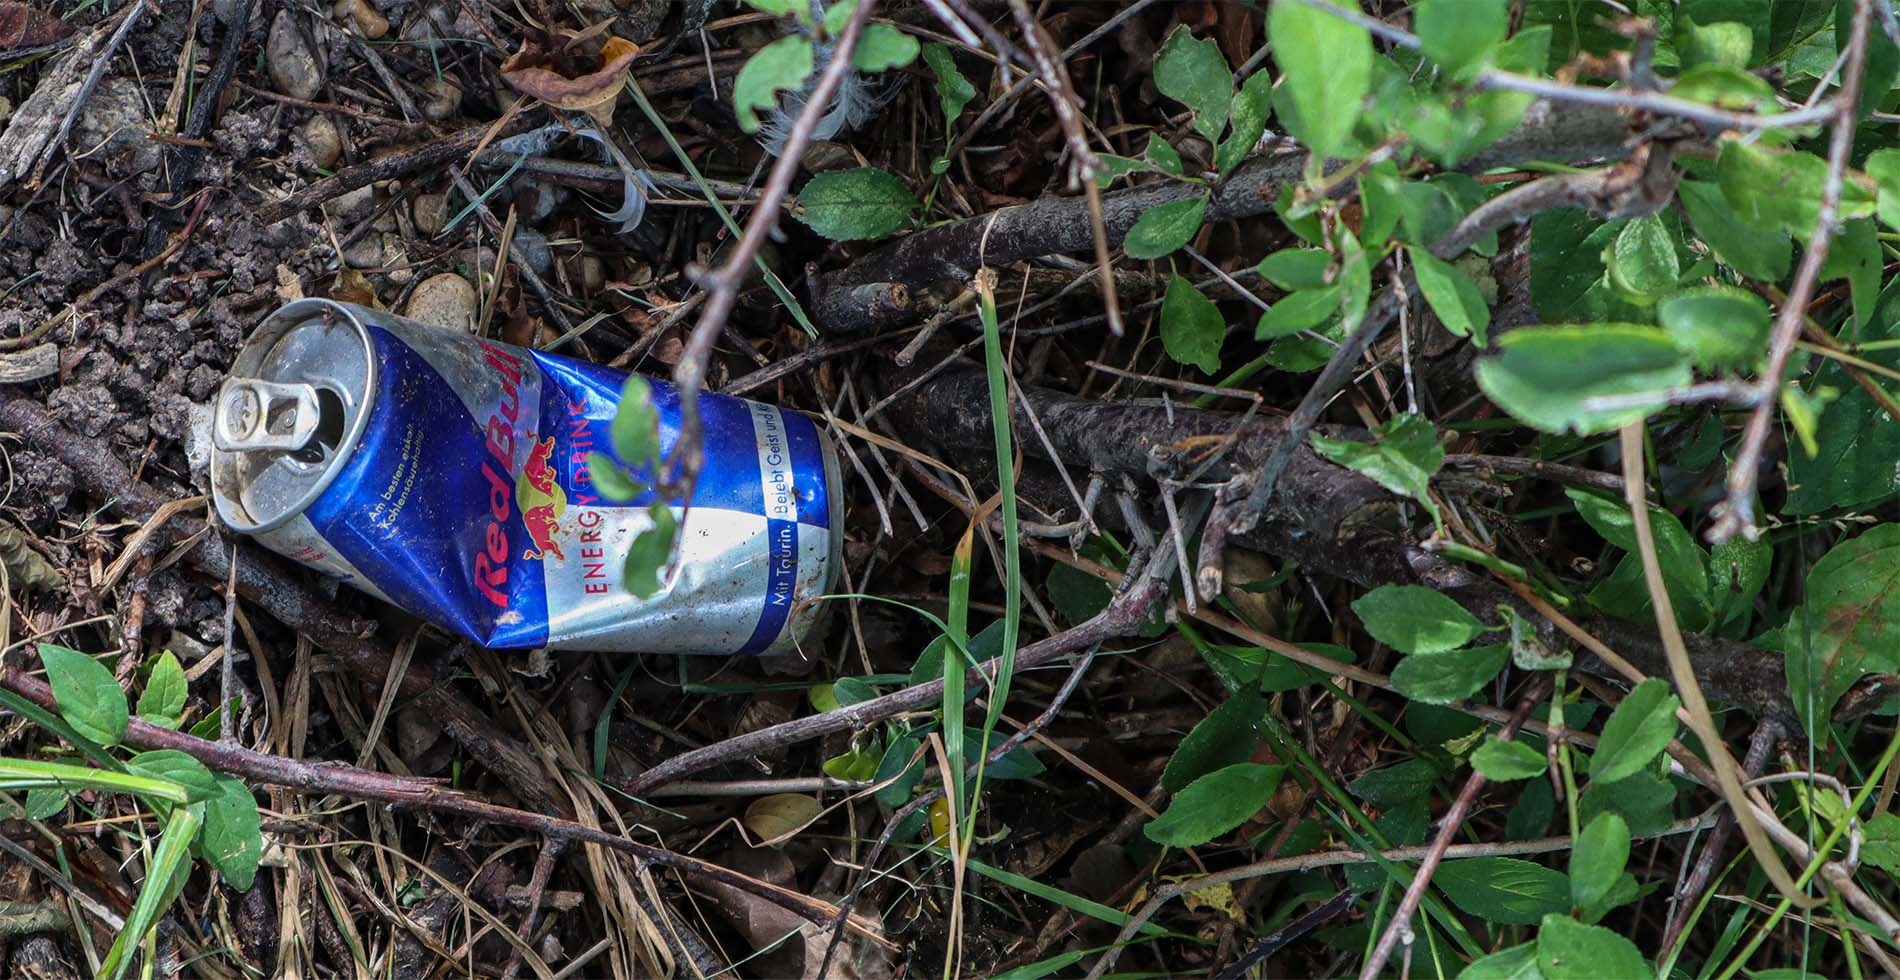 Alu-Getränkedose liegt in der Natur